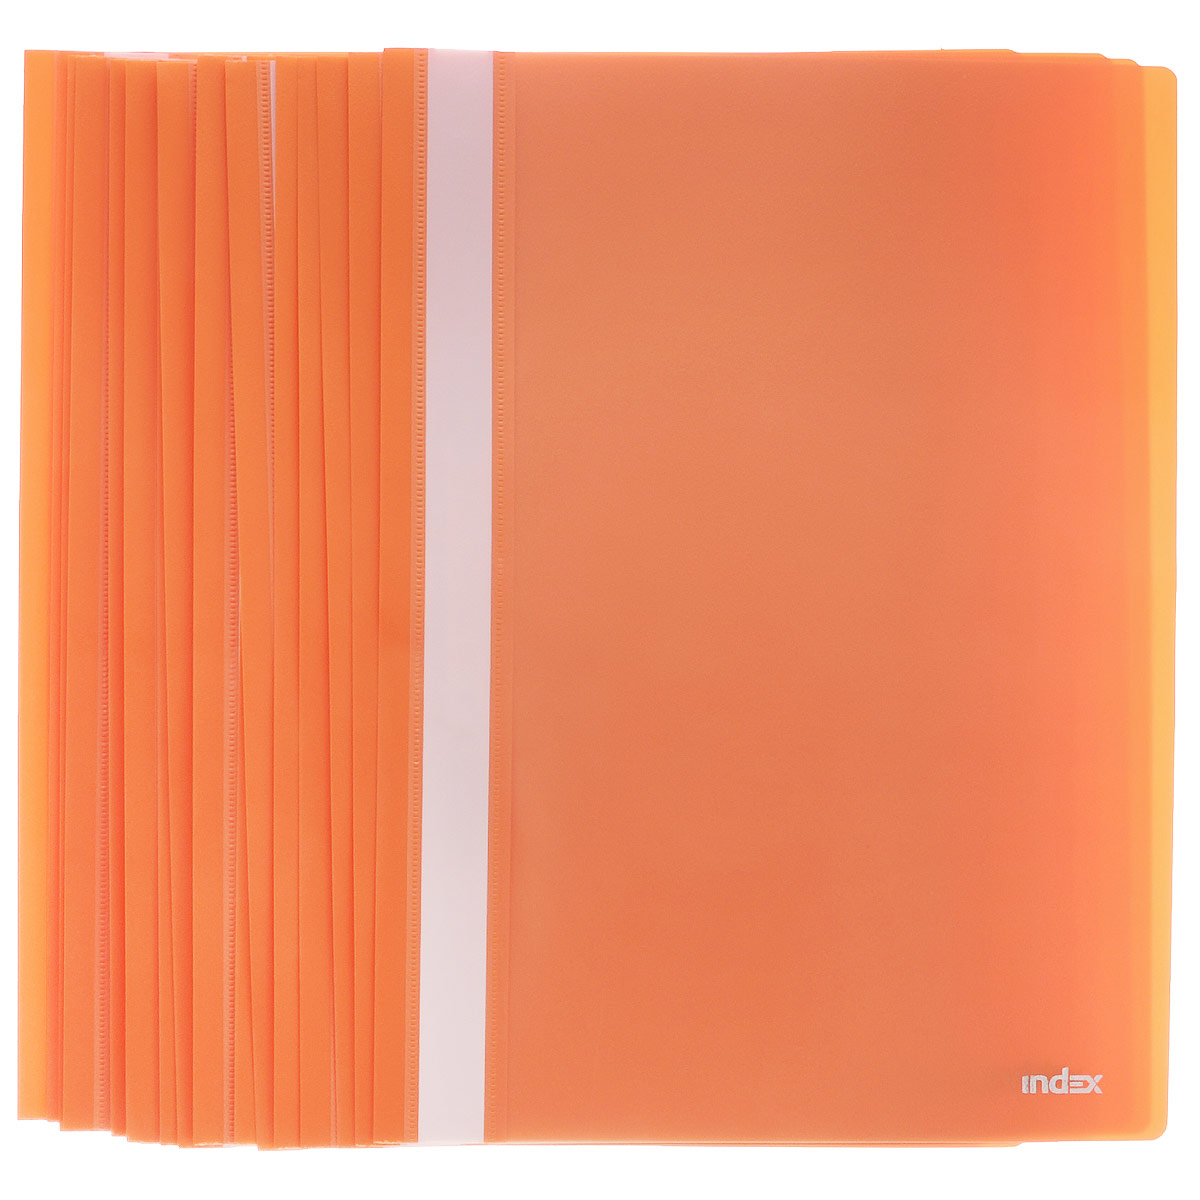 Папка-скоросшиватель Index, цвет: оранжевый. Формат А4, 20 штC13S041944Папка-скоросшиватель Index, изготовленная из высококачественного полипропилена, это удобный и практичный офисный инструмент, предназначенный для хранения и транспортировки рабочих бумаг и документов формата А4. Папка оснащена верхним прозрачным матовым листом и металлическим зажимом внутри для надежного удержания бумаг. В наборе - 20 папок.Папка-скоросшиватель - это незаменимый атрибут для студента, школьника, офисного работника. Такая папка надежно сохранит ваши документы и сбережет их от повреждений, пыли и влаги.Комплектация: 20 шт.